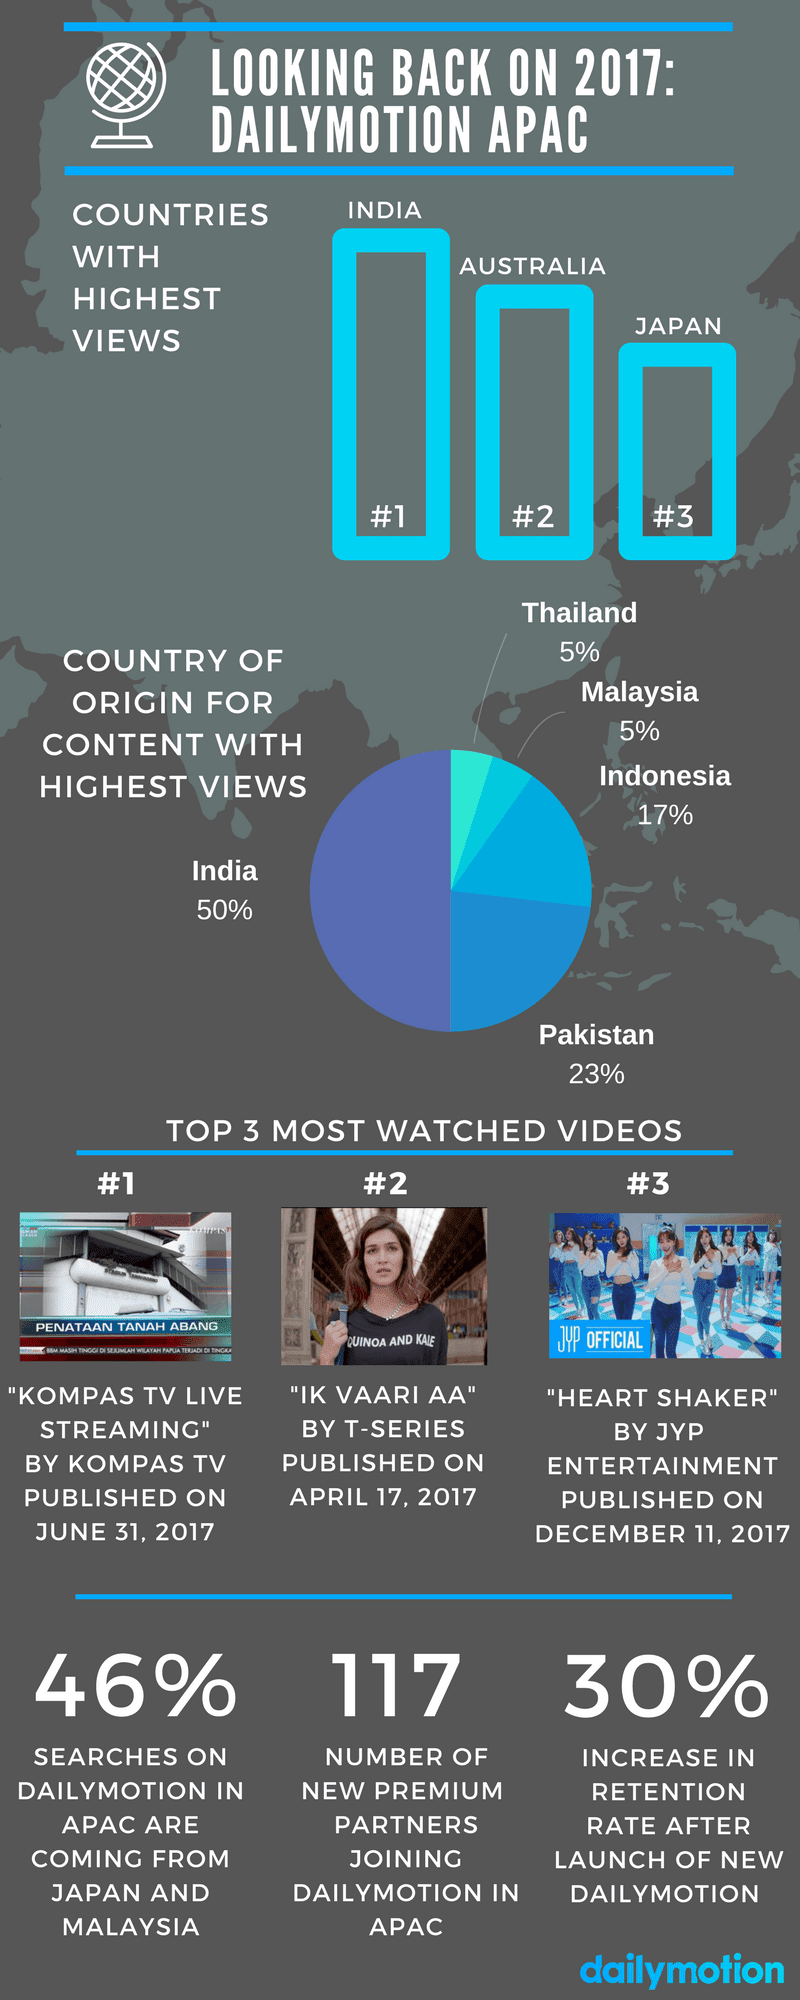 Người Ấn Độ xem video trên Dailymotion cao nhất khu vực APAC